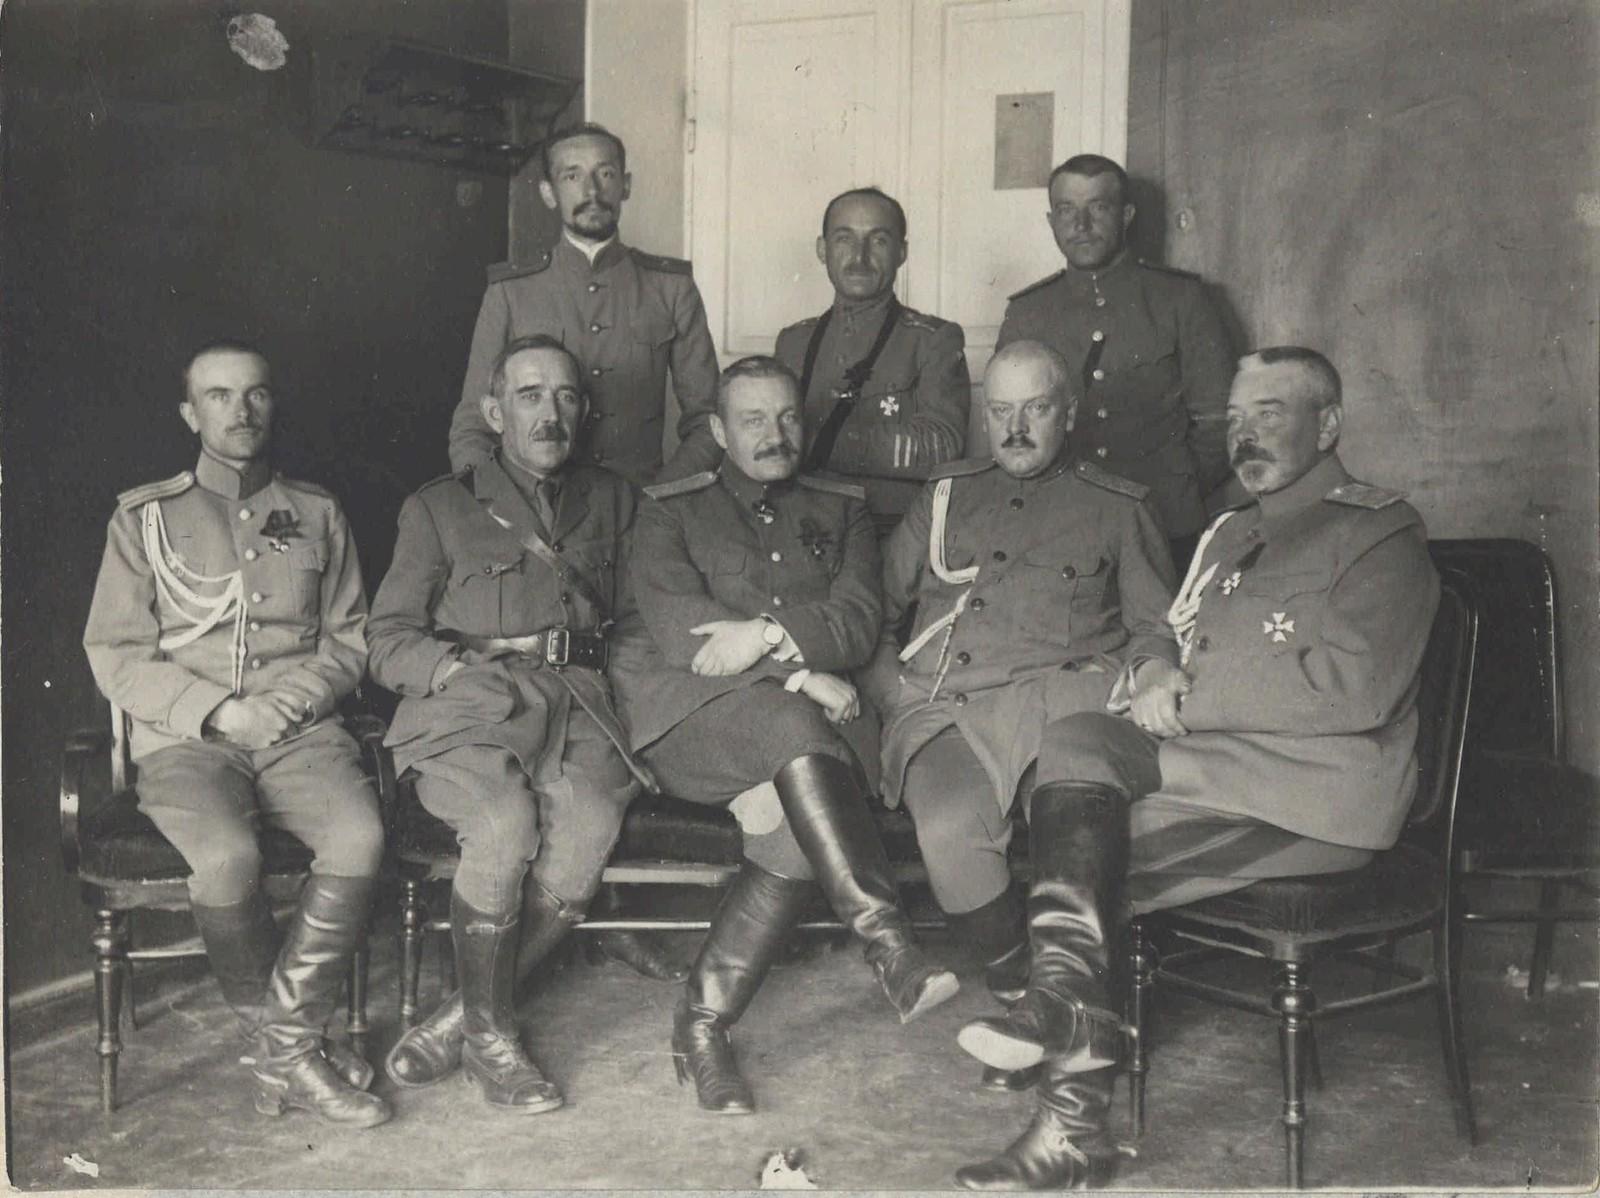 1917. Быховское пленение генералов. Заключенные (2)